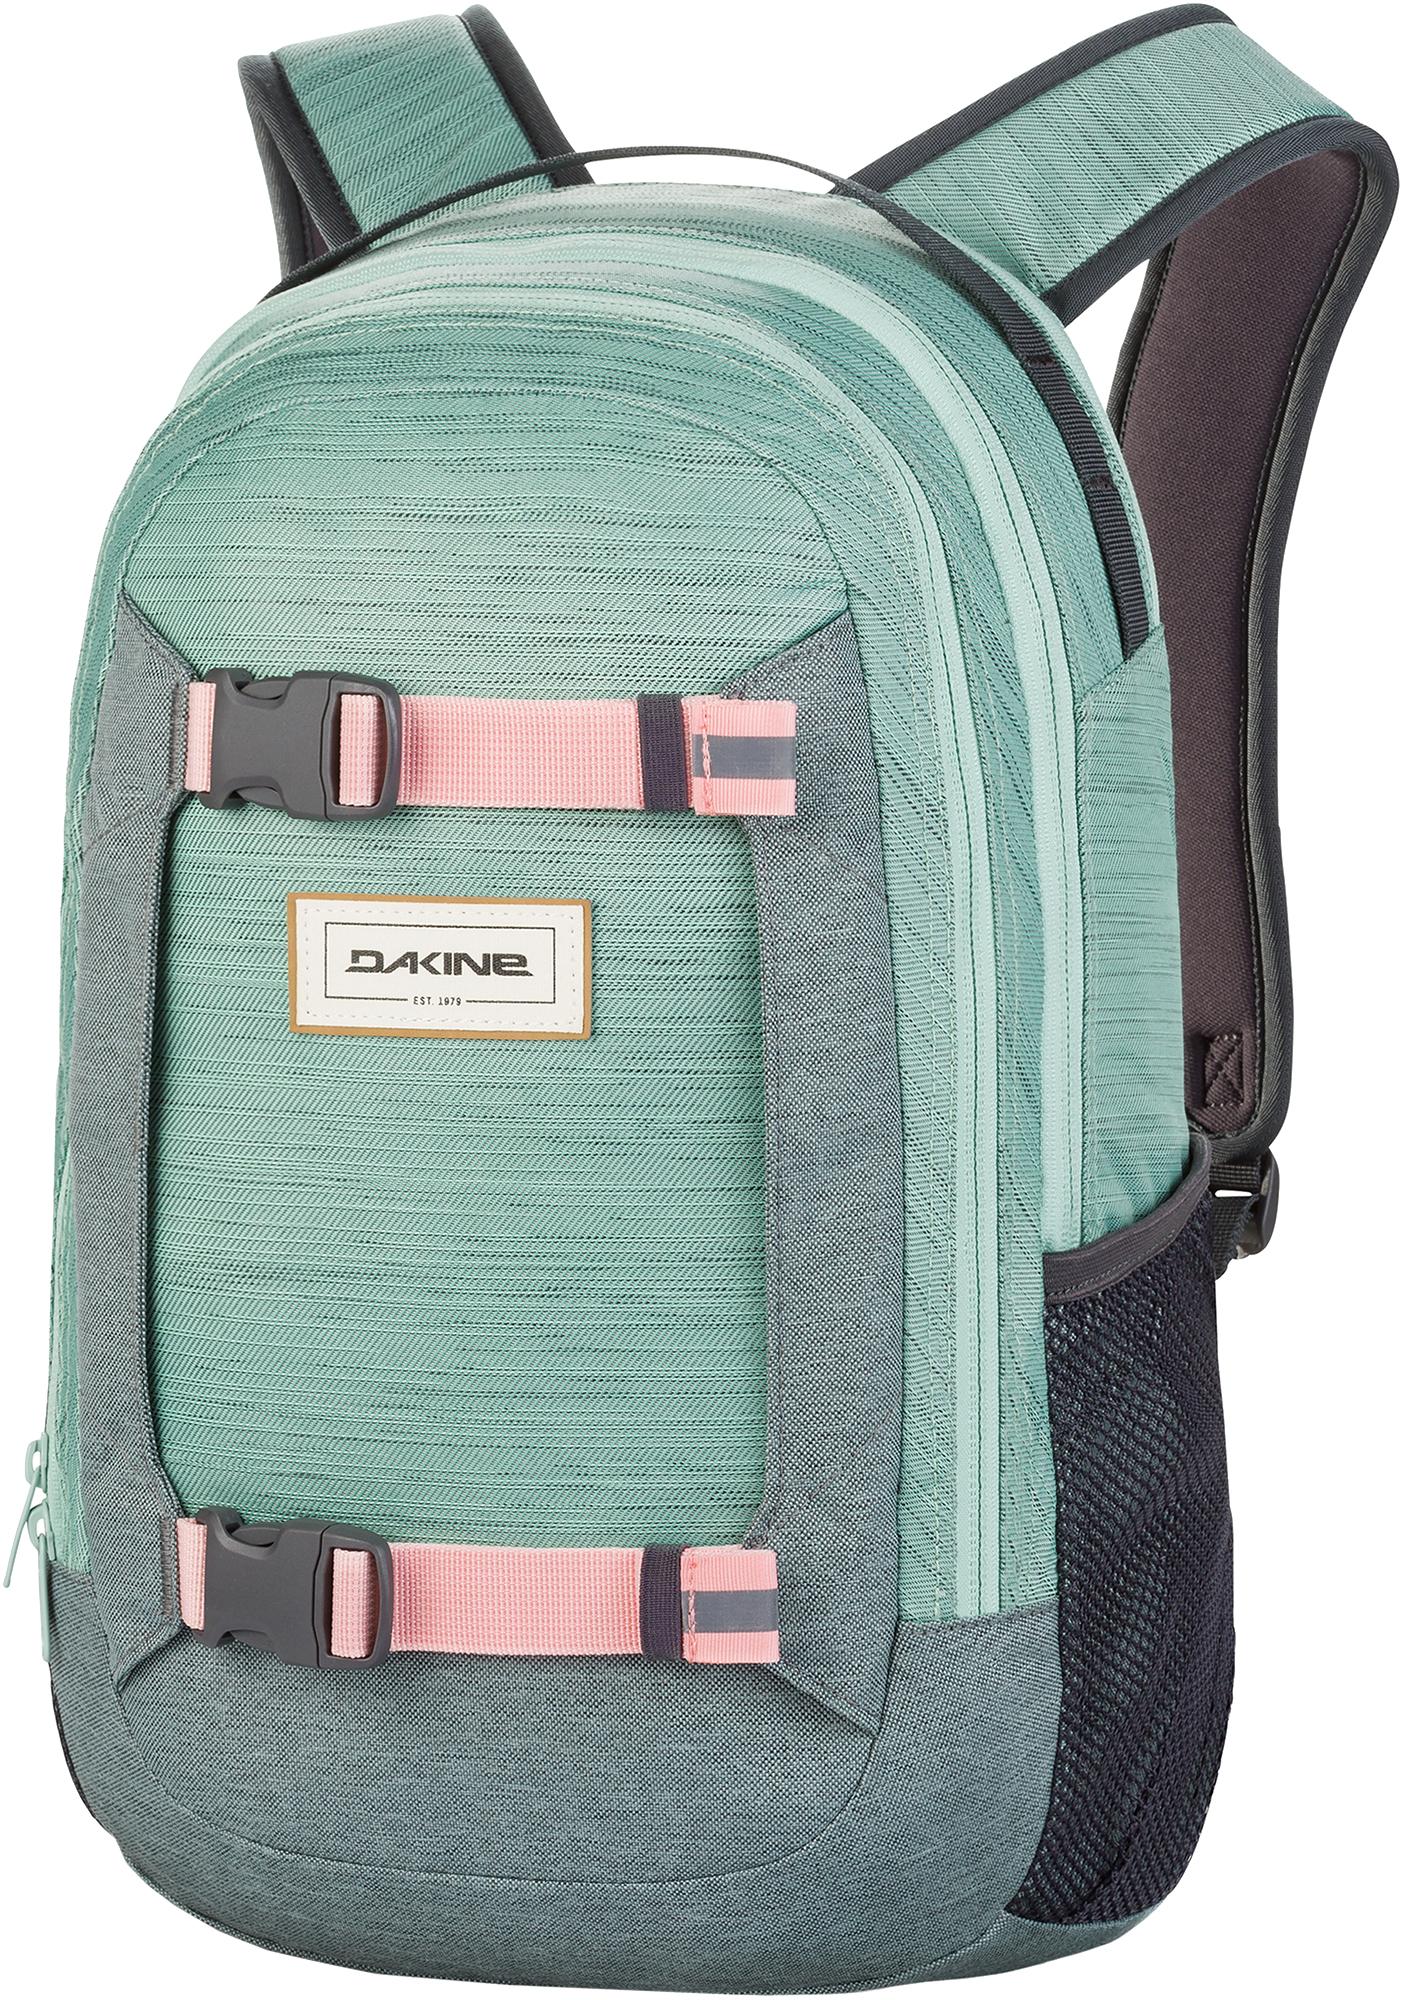 купить Dakine Рюкзак Dakine Mission Mini, 18 л, размер Без размера недорого